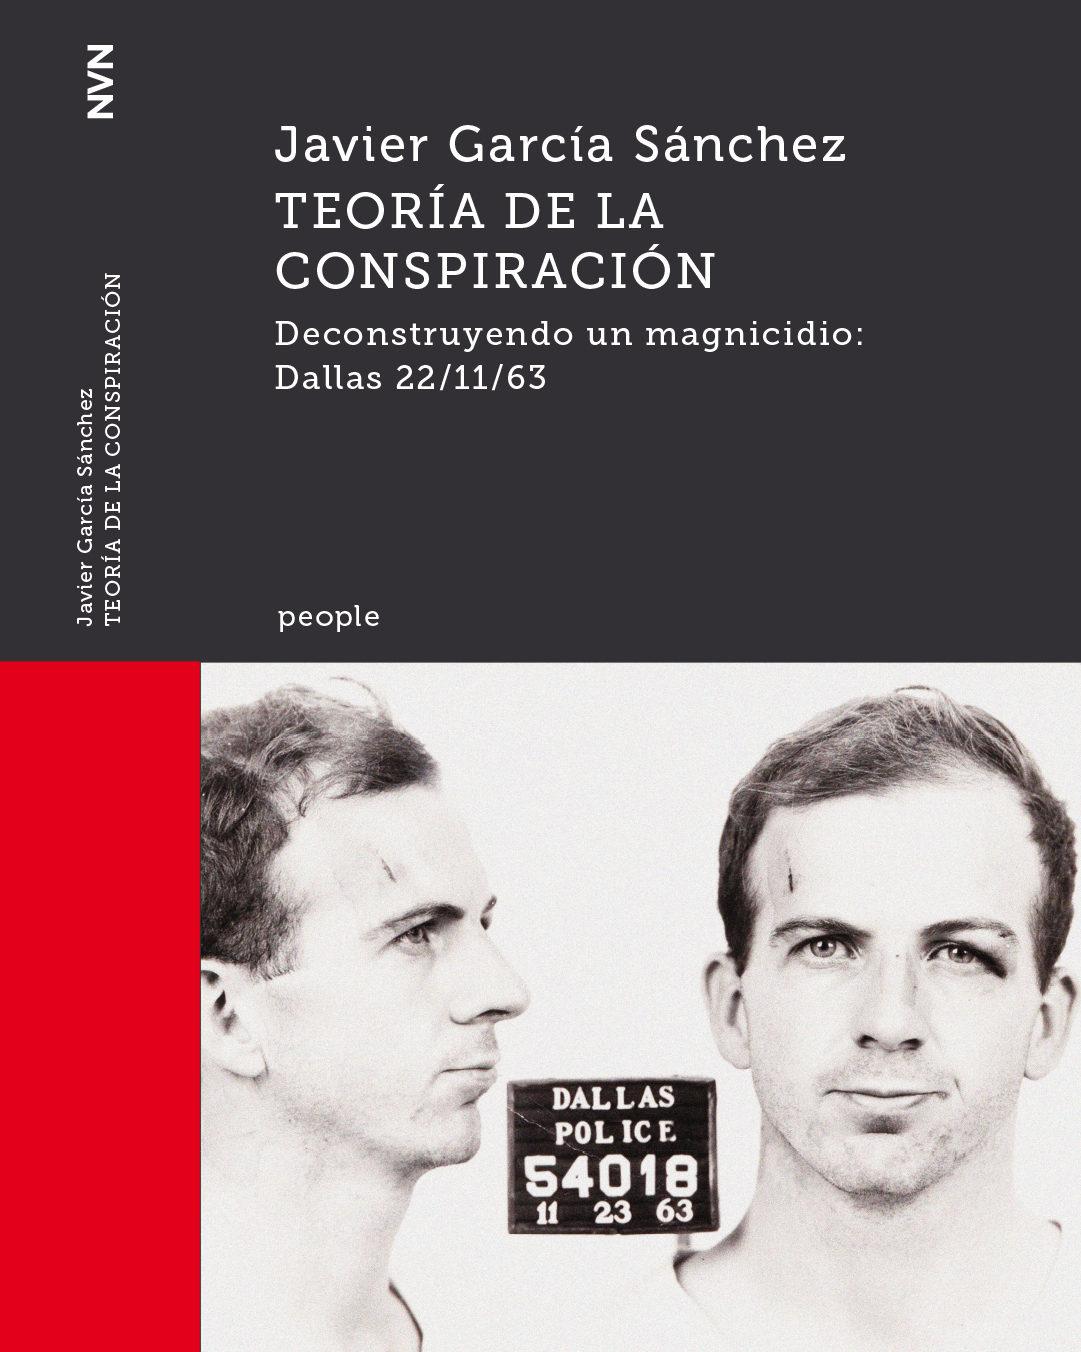 TEORÍA DE LA CONSPIRACIÓN - Javier García Sánchez